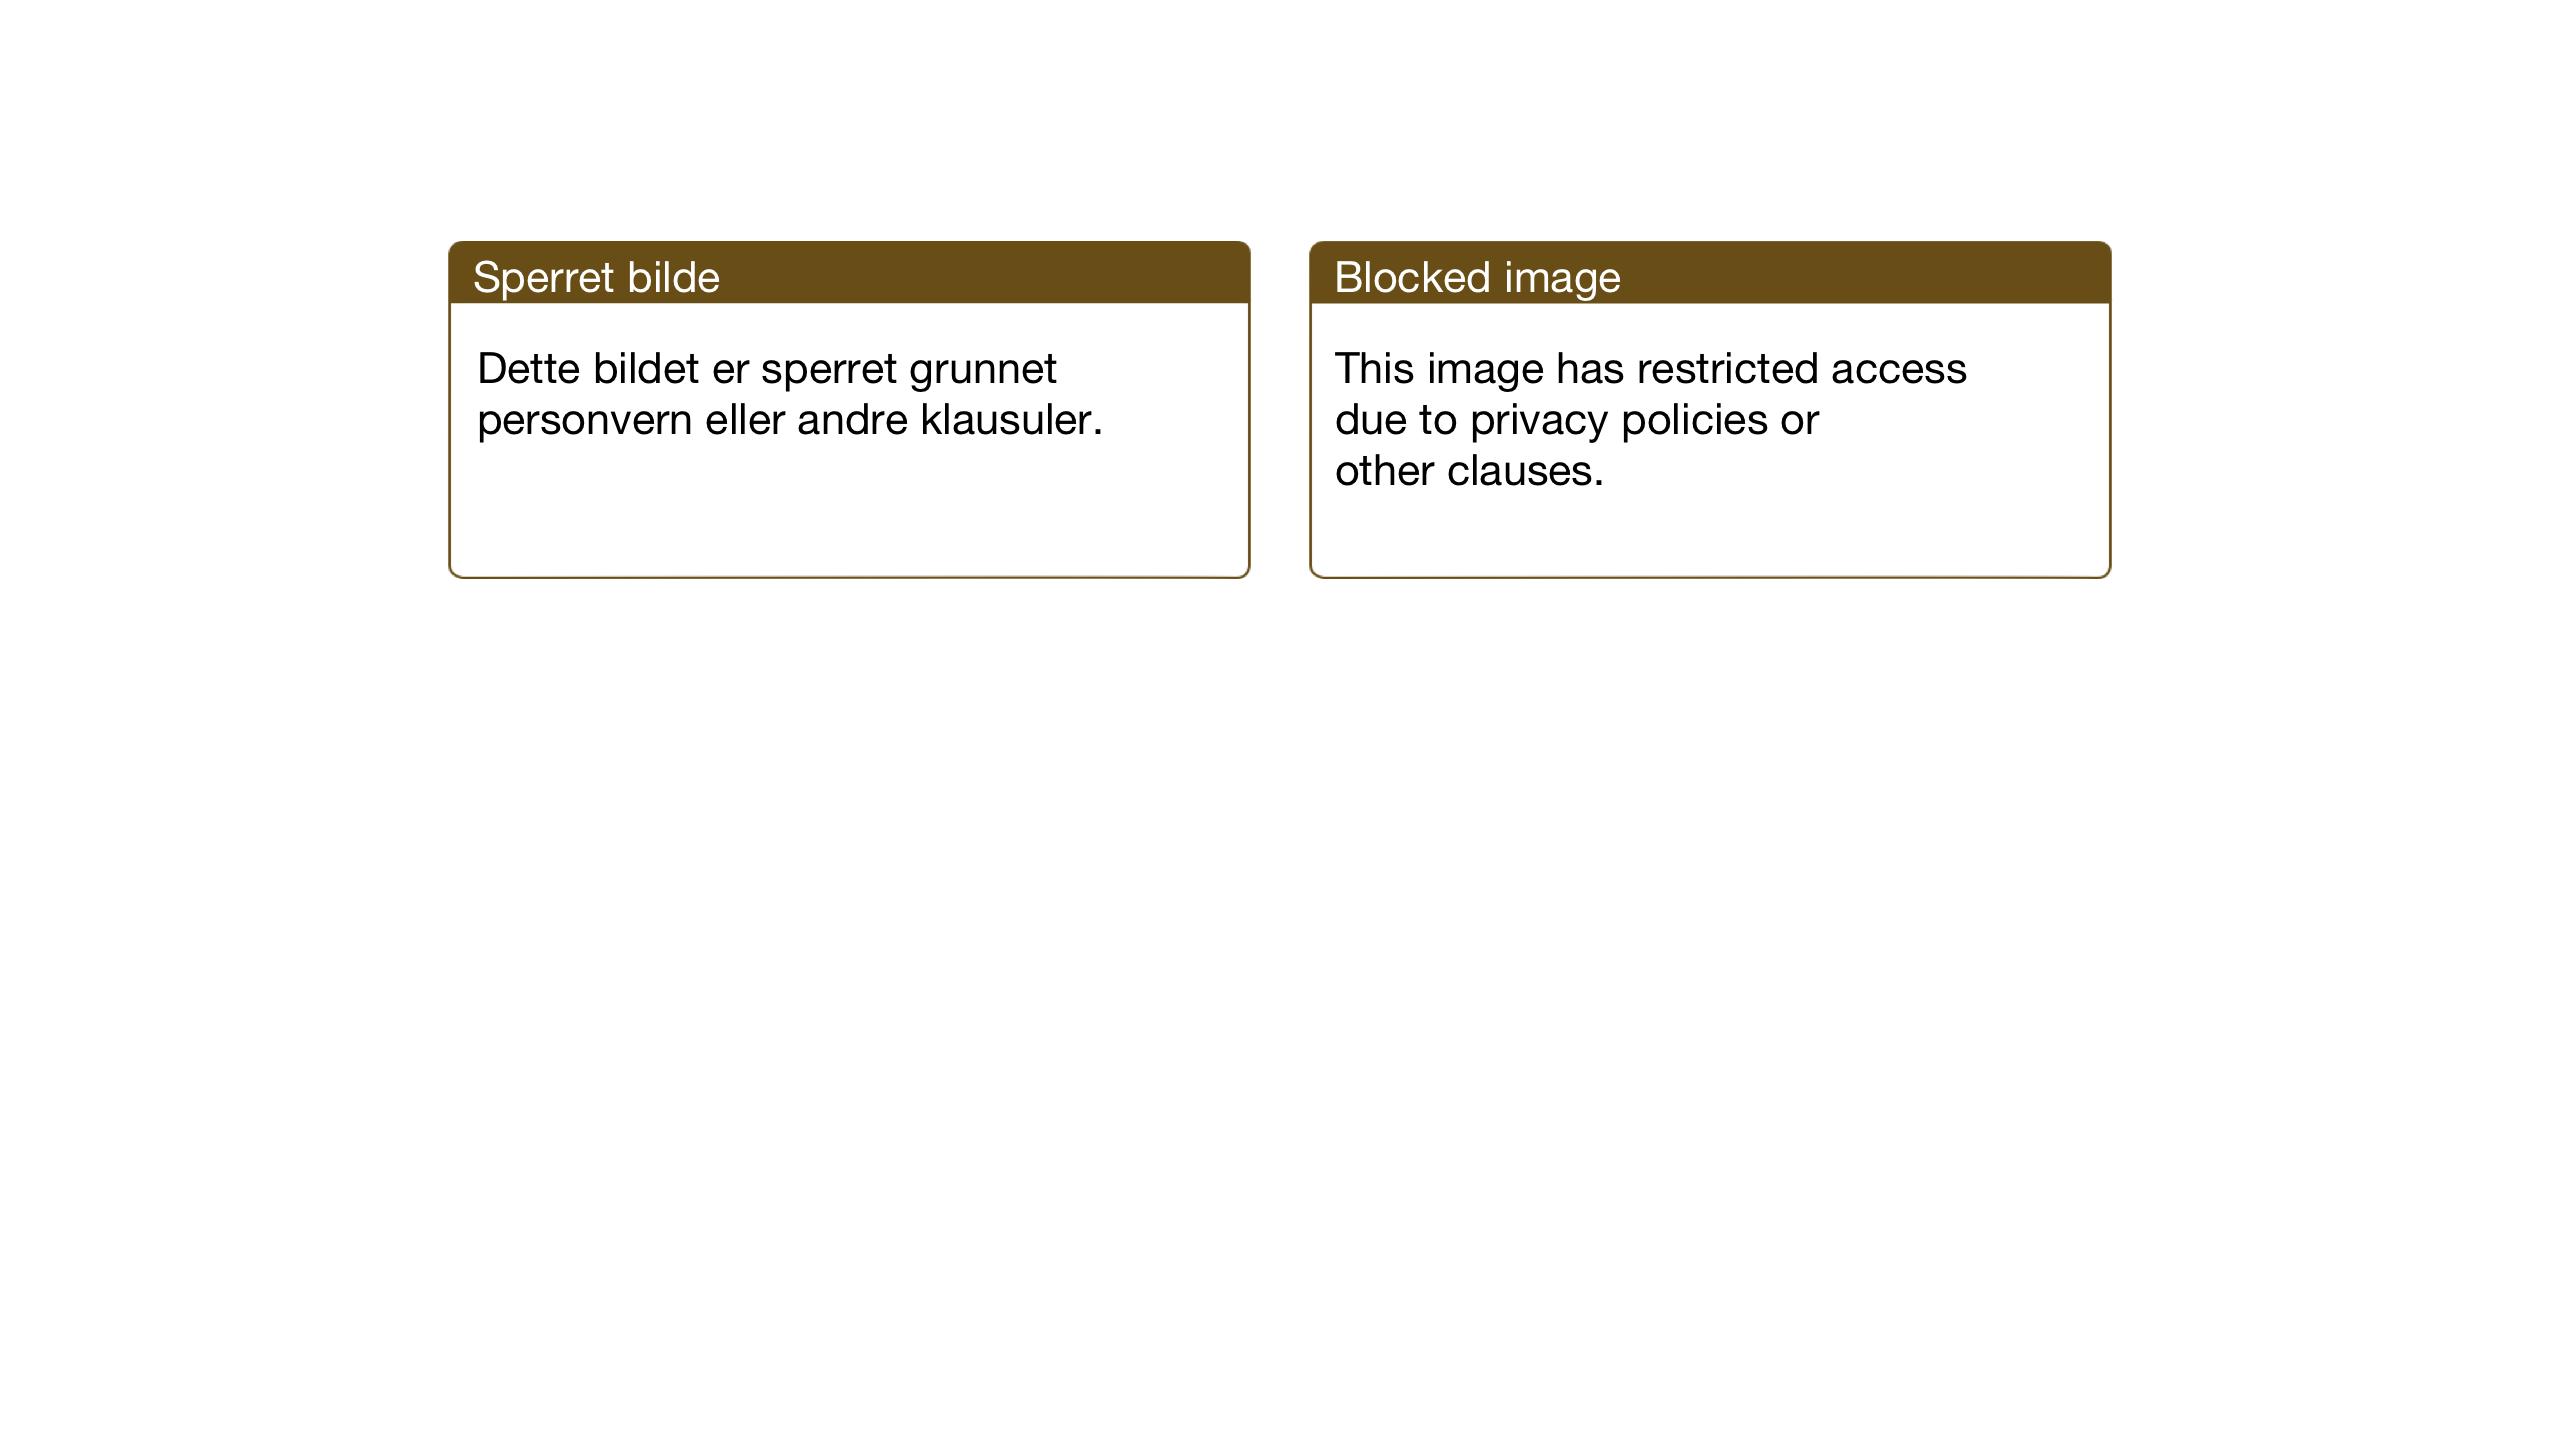 SAT, Ministerialprotokoller, klokkerbøker og fødselsregistre - Nord-Trøndelag, 722/L0227: Klokkerbok nr. 722C03, 1928-1958, s. 128